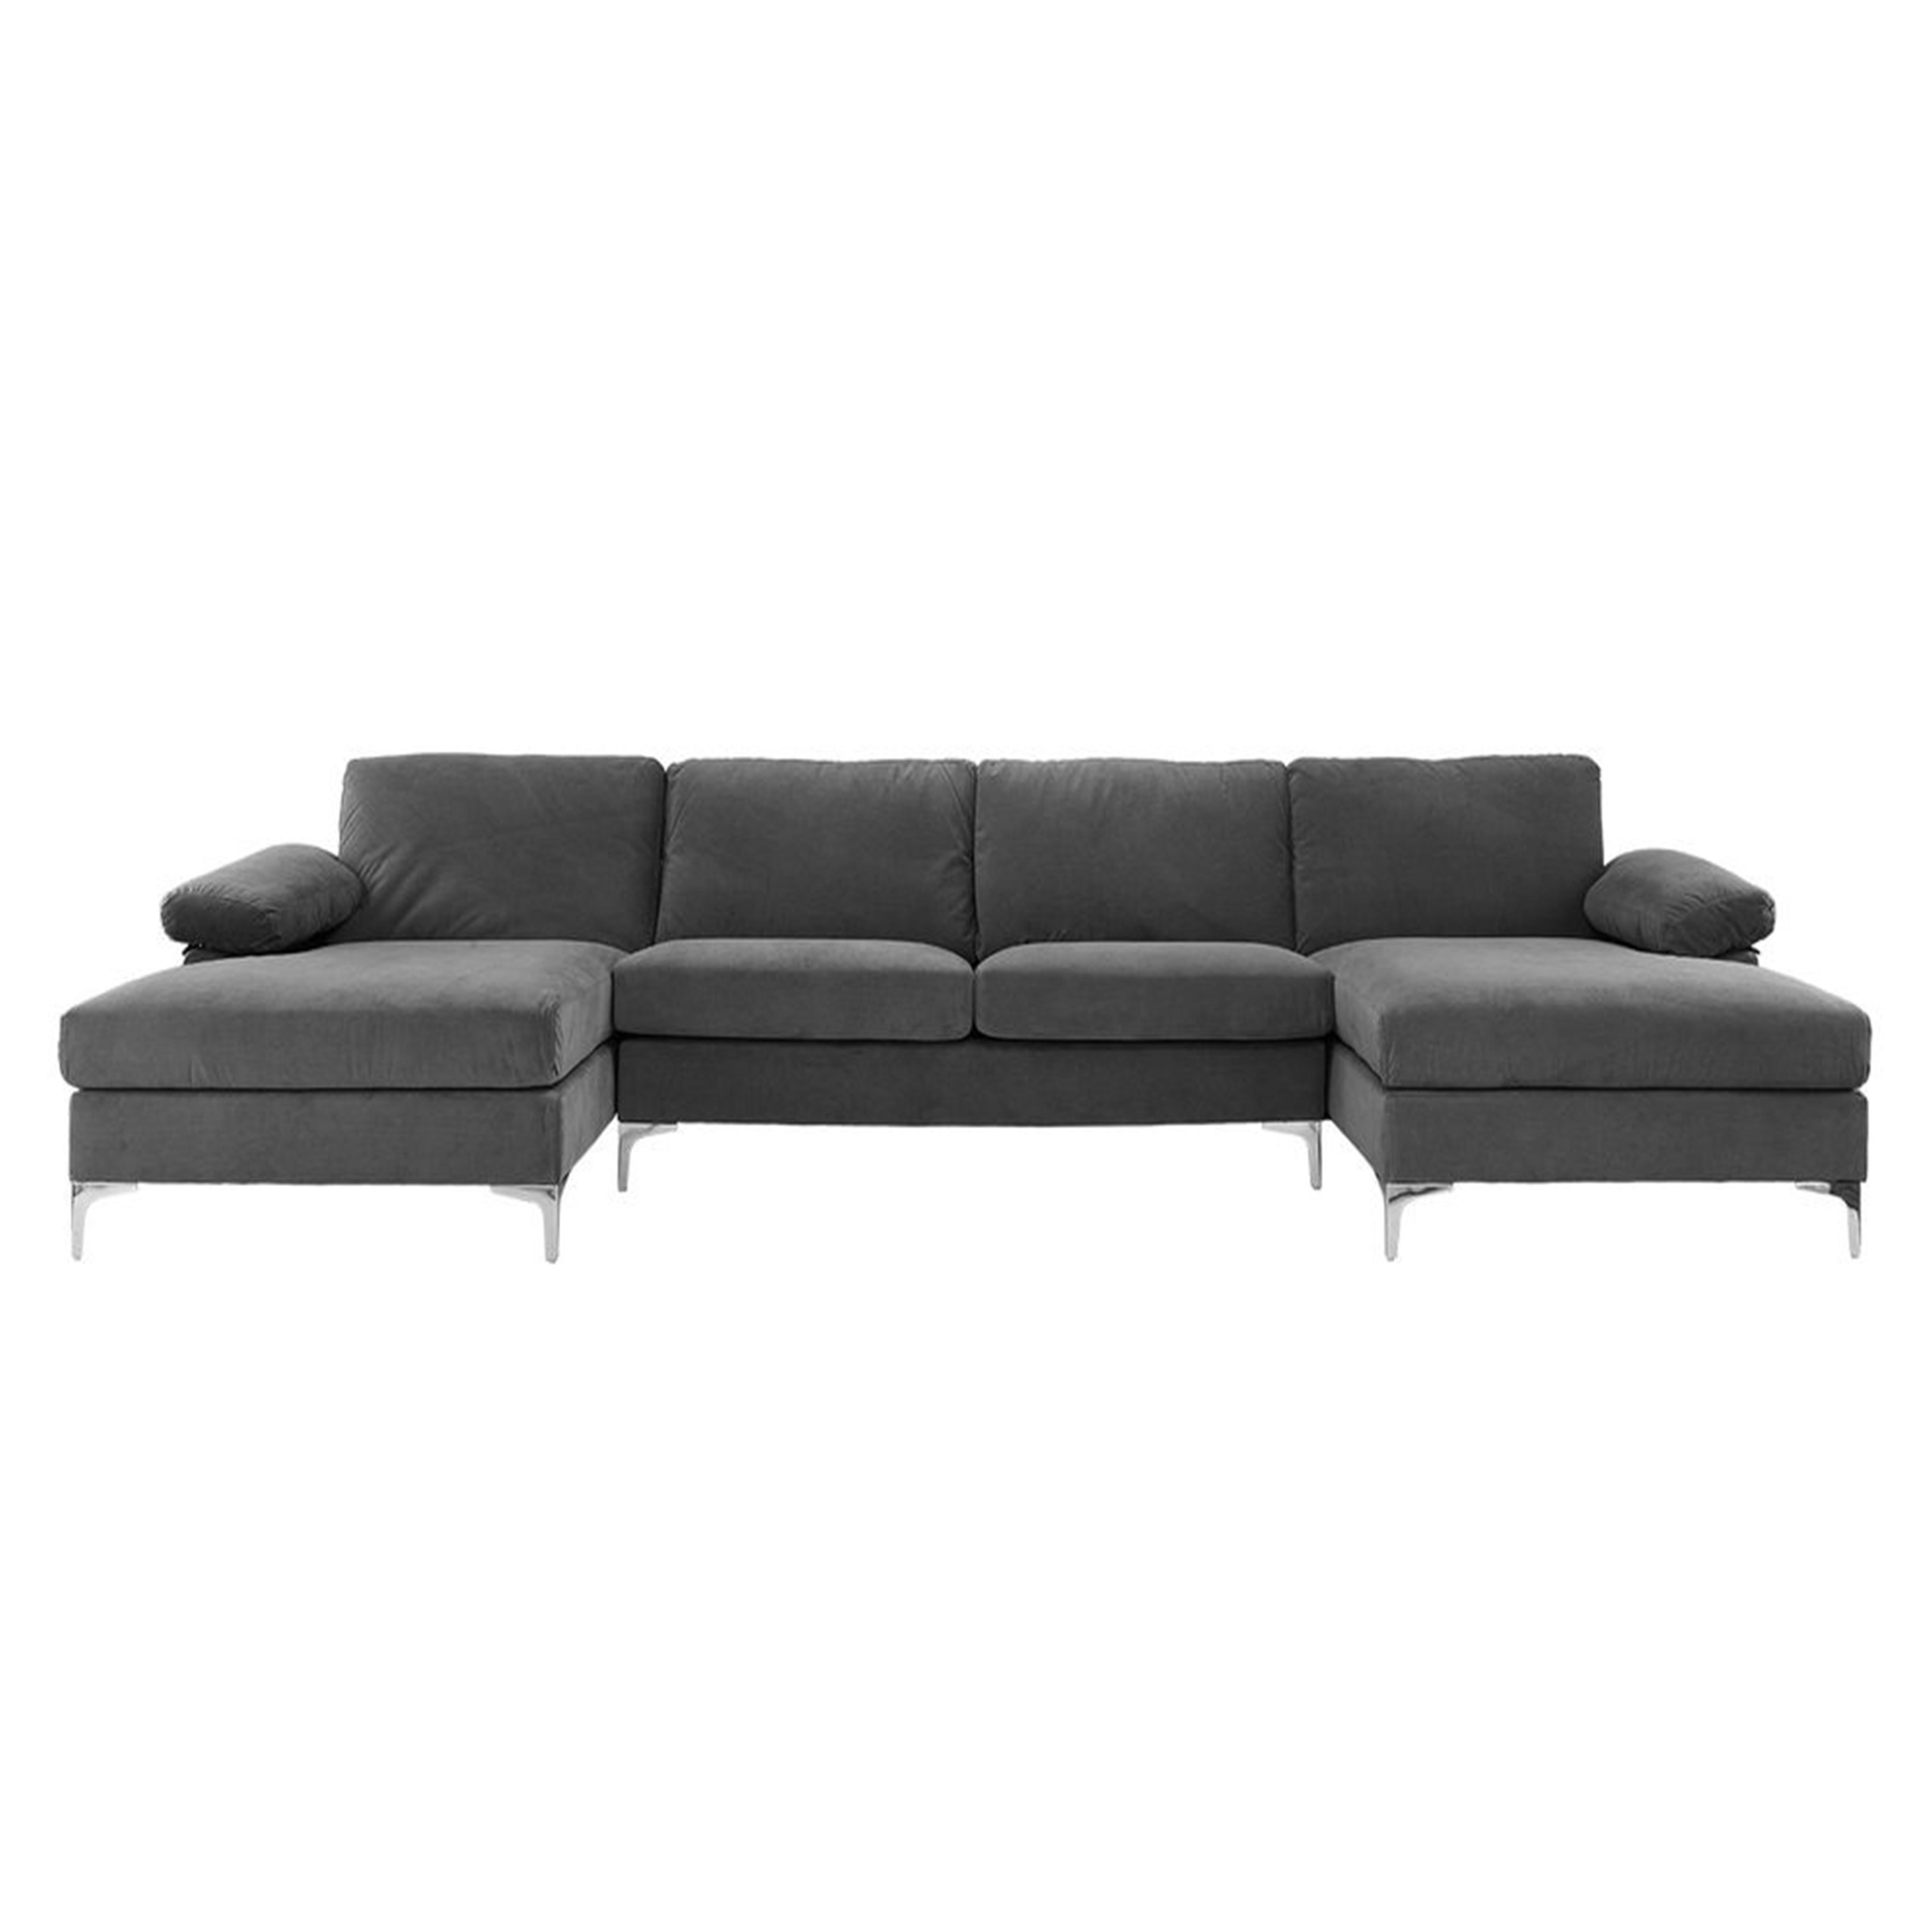 Canapé d'angle panoramique velours gris